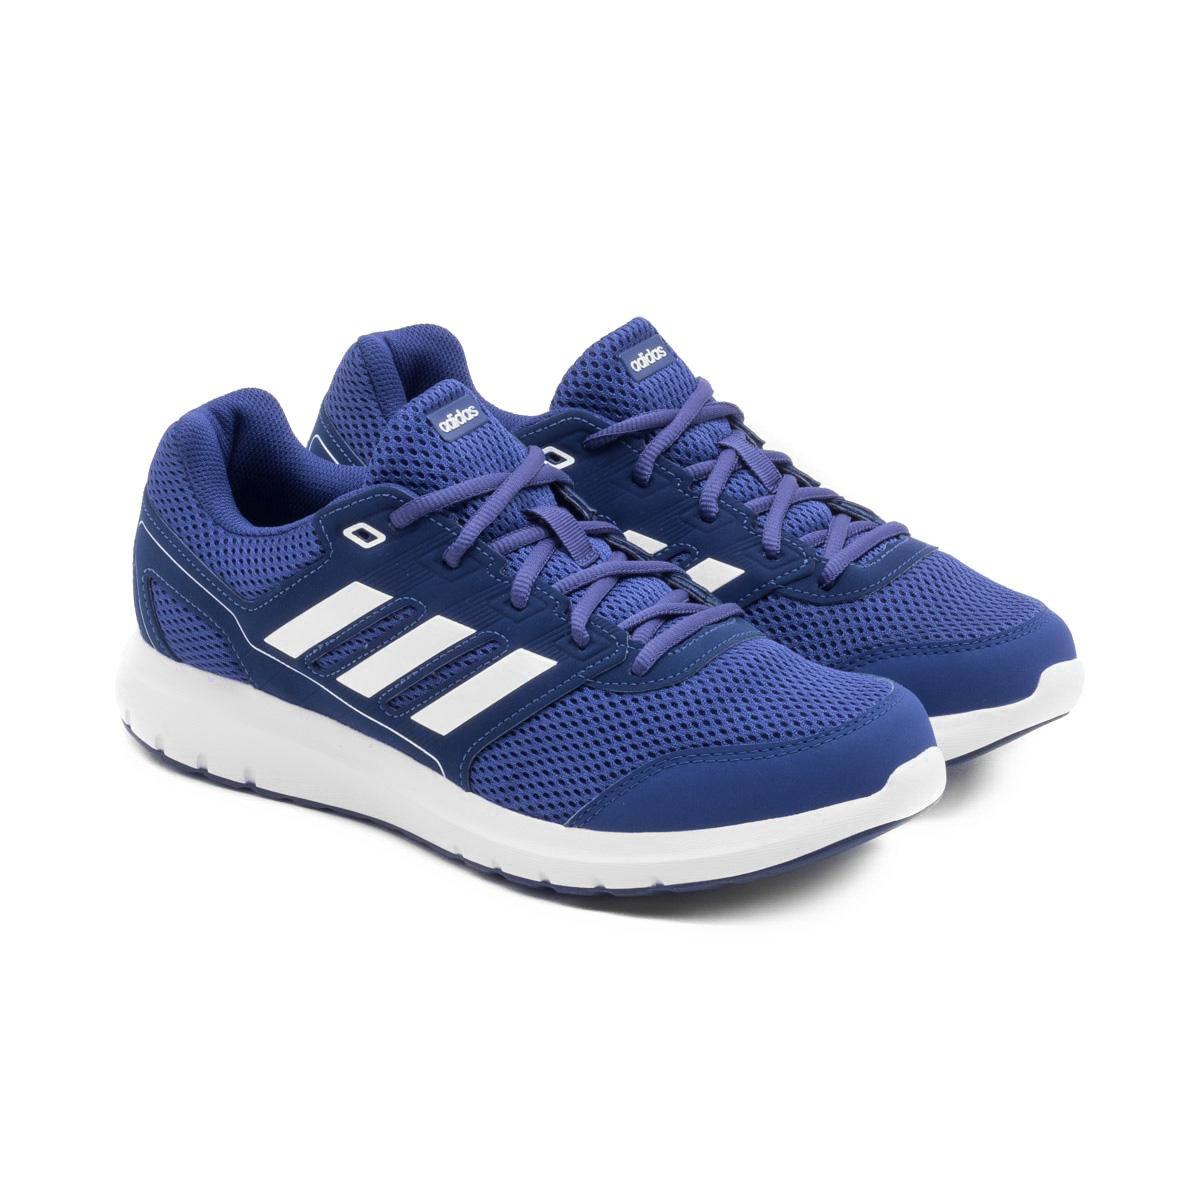 b3920d1b11b Tênis Adidas Duramo Lite 2 0 Masculino - Marinho e Branco - Compre Agora